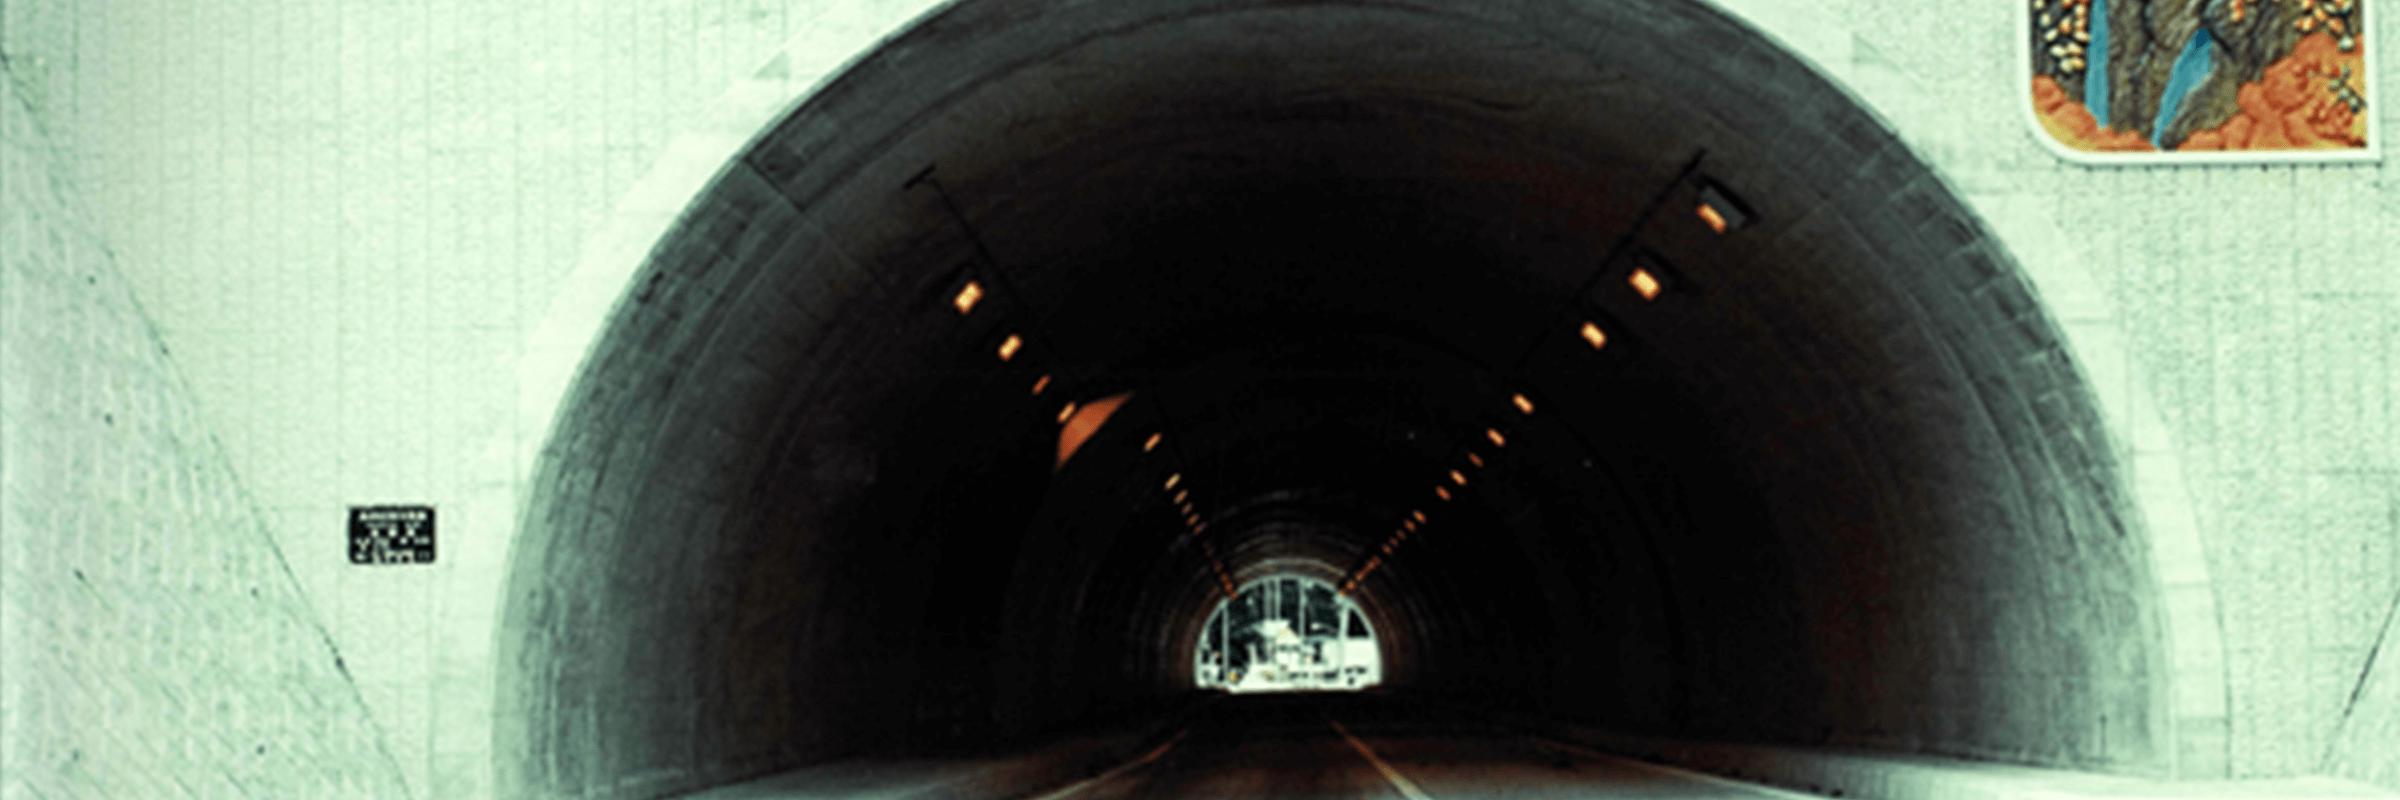 トンネル工事イメージ写真